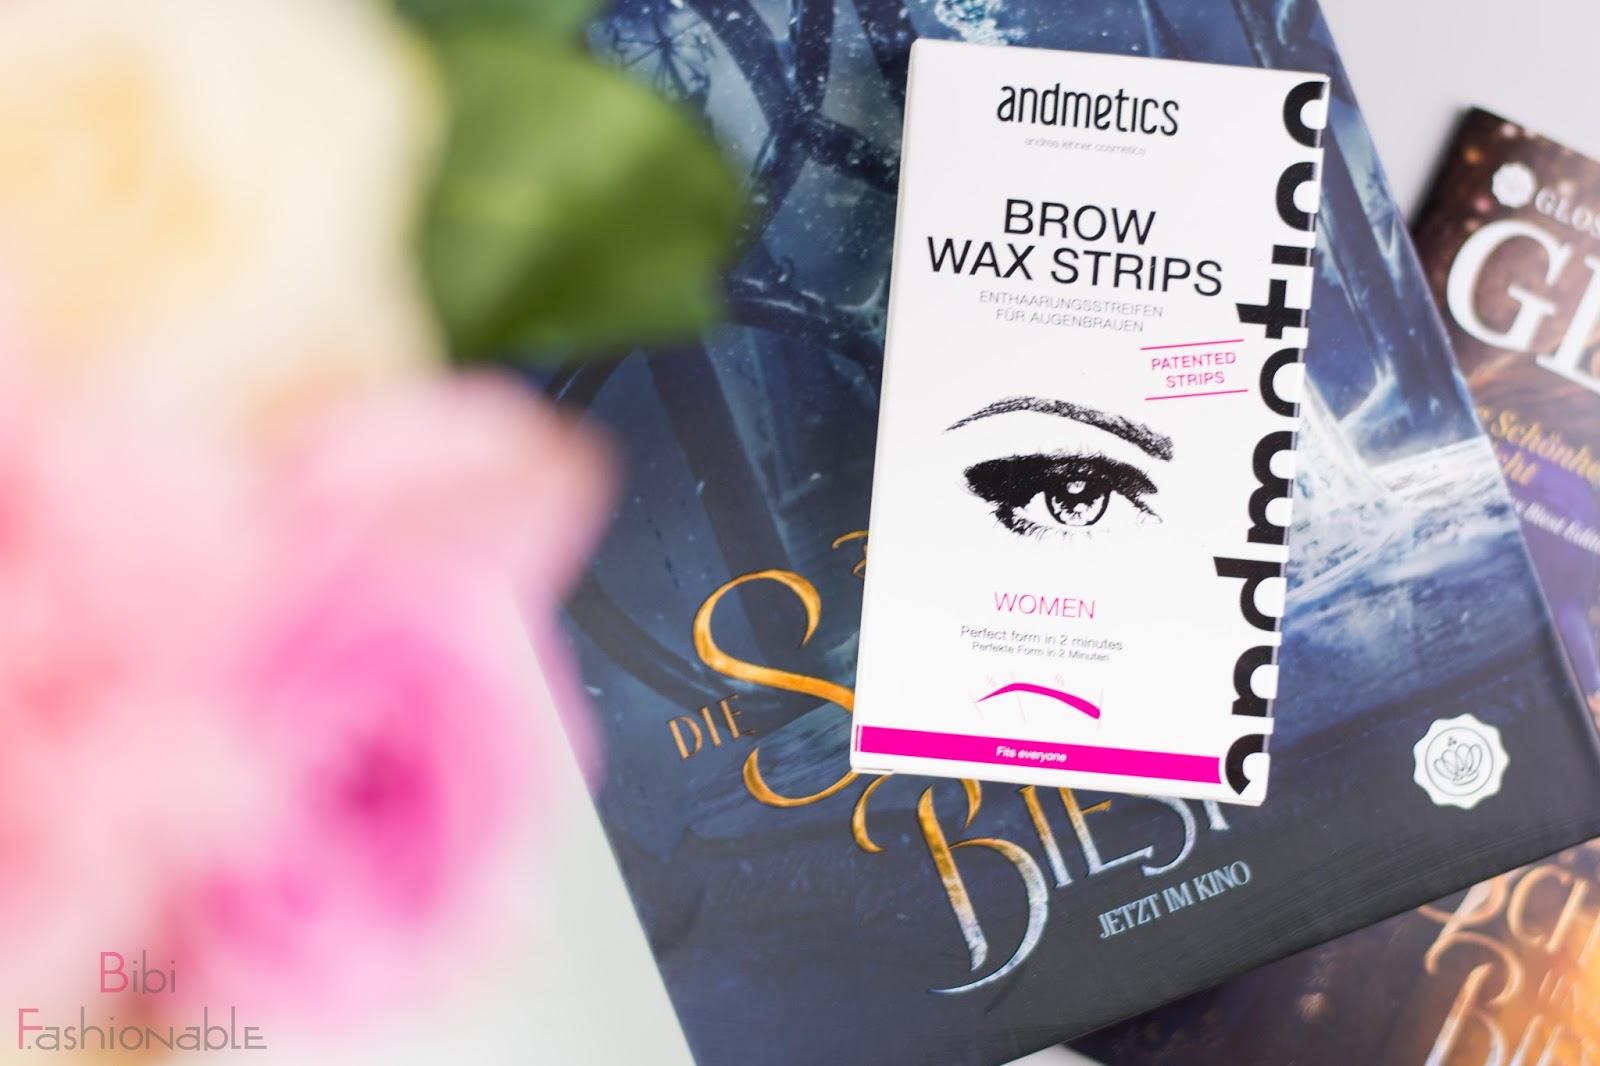 Unboxing Glossybox die Schöne und das Biest Andmetics Brow Wax Strips